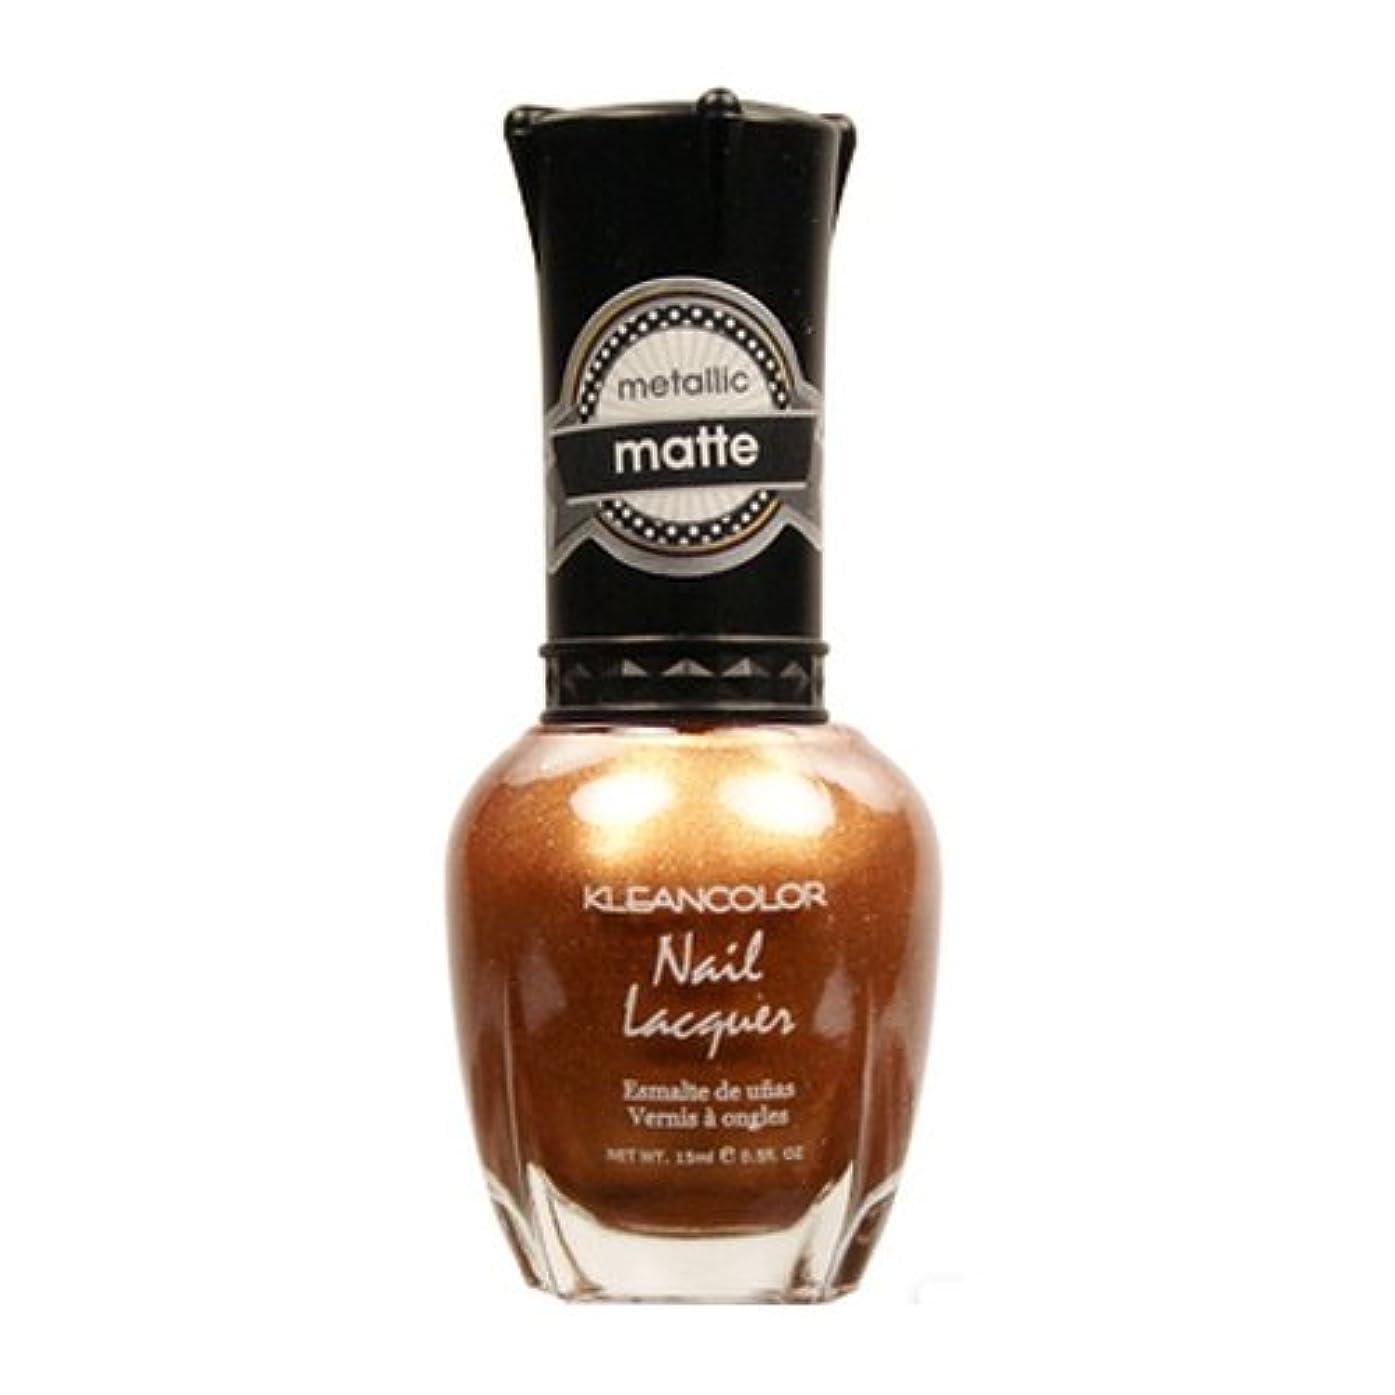 打ち上げる後退するしないでください(6 Pack) KLEANCOLOR Matte Nail Lacquer - Life in Gold Castle (並行輸入品)